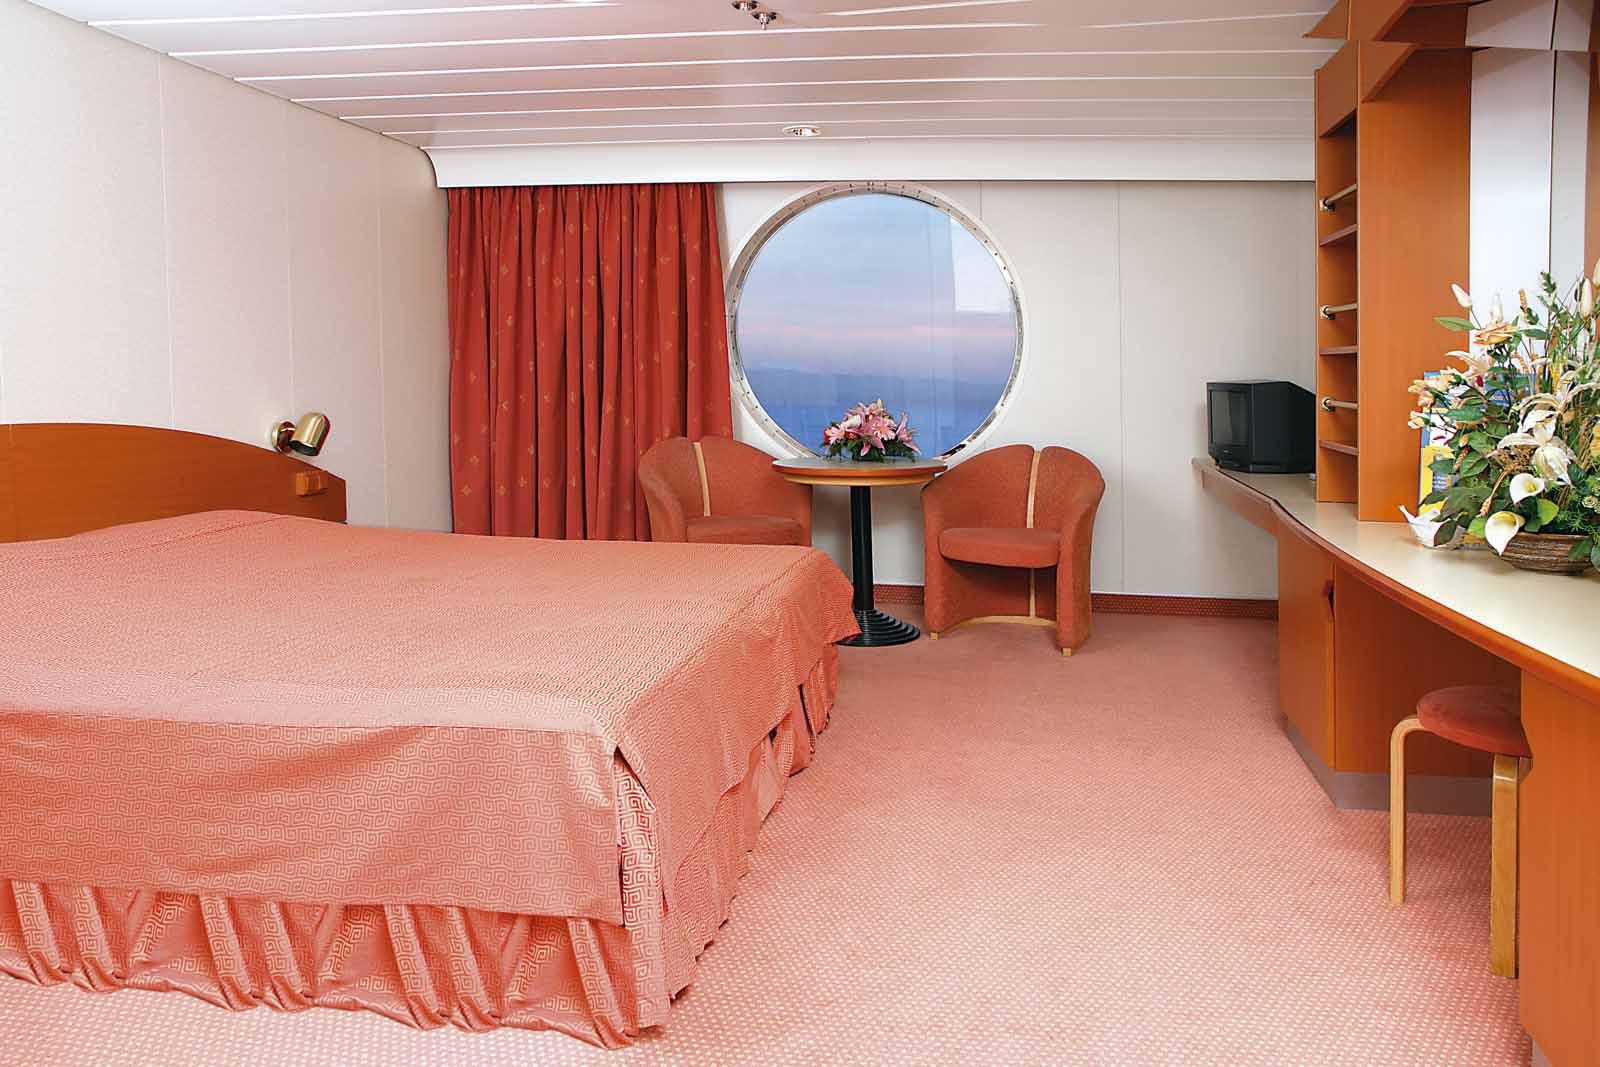 H/S/F Hellenic Spirit Lux cabin